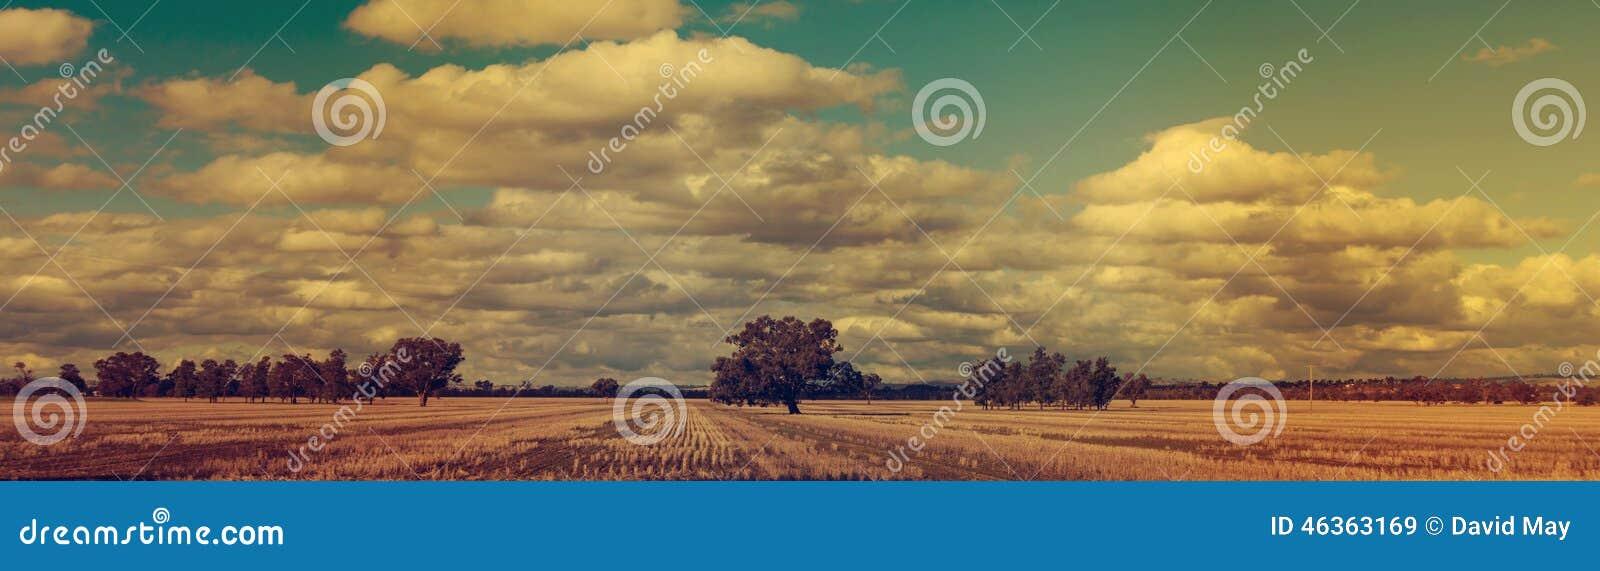 Campos de trigo panorâmicos do por do sol do inverno